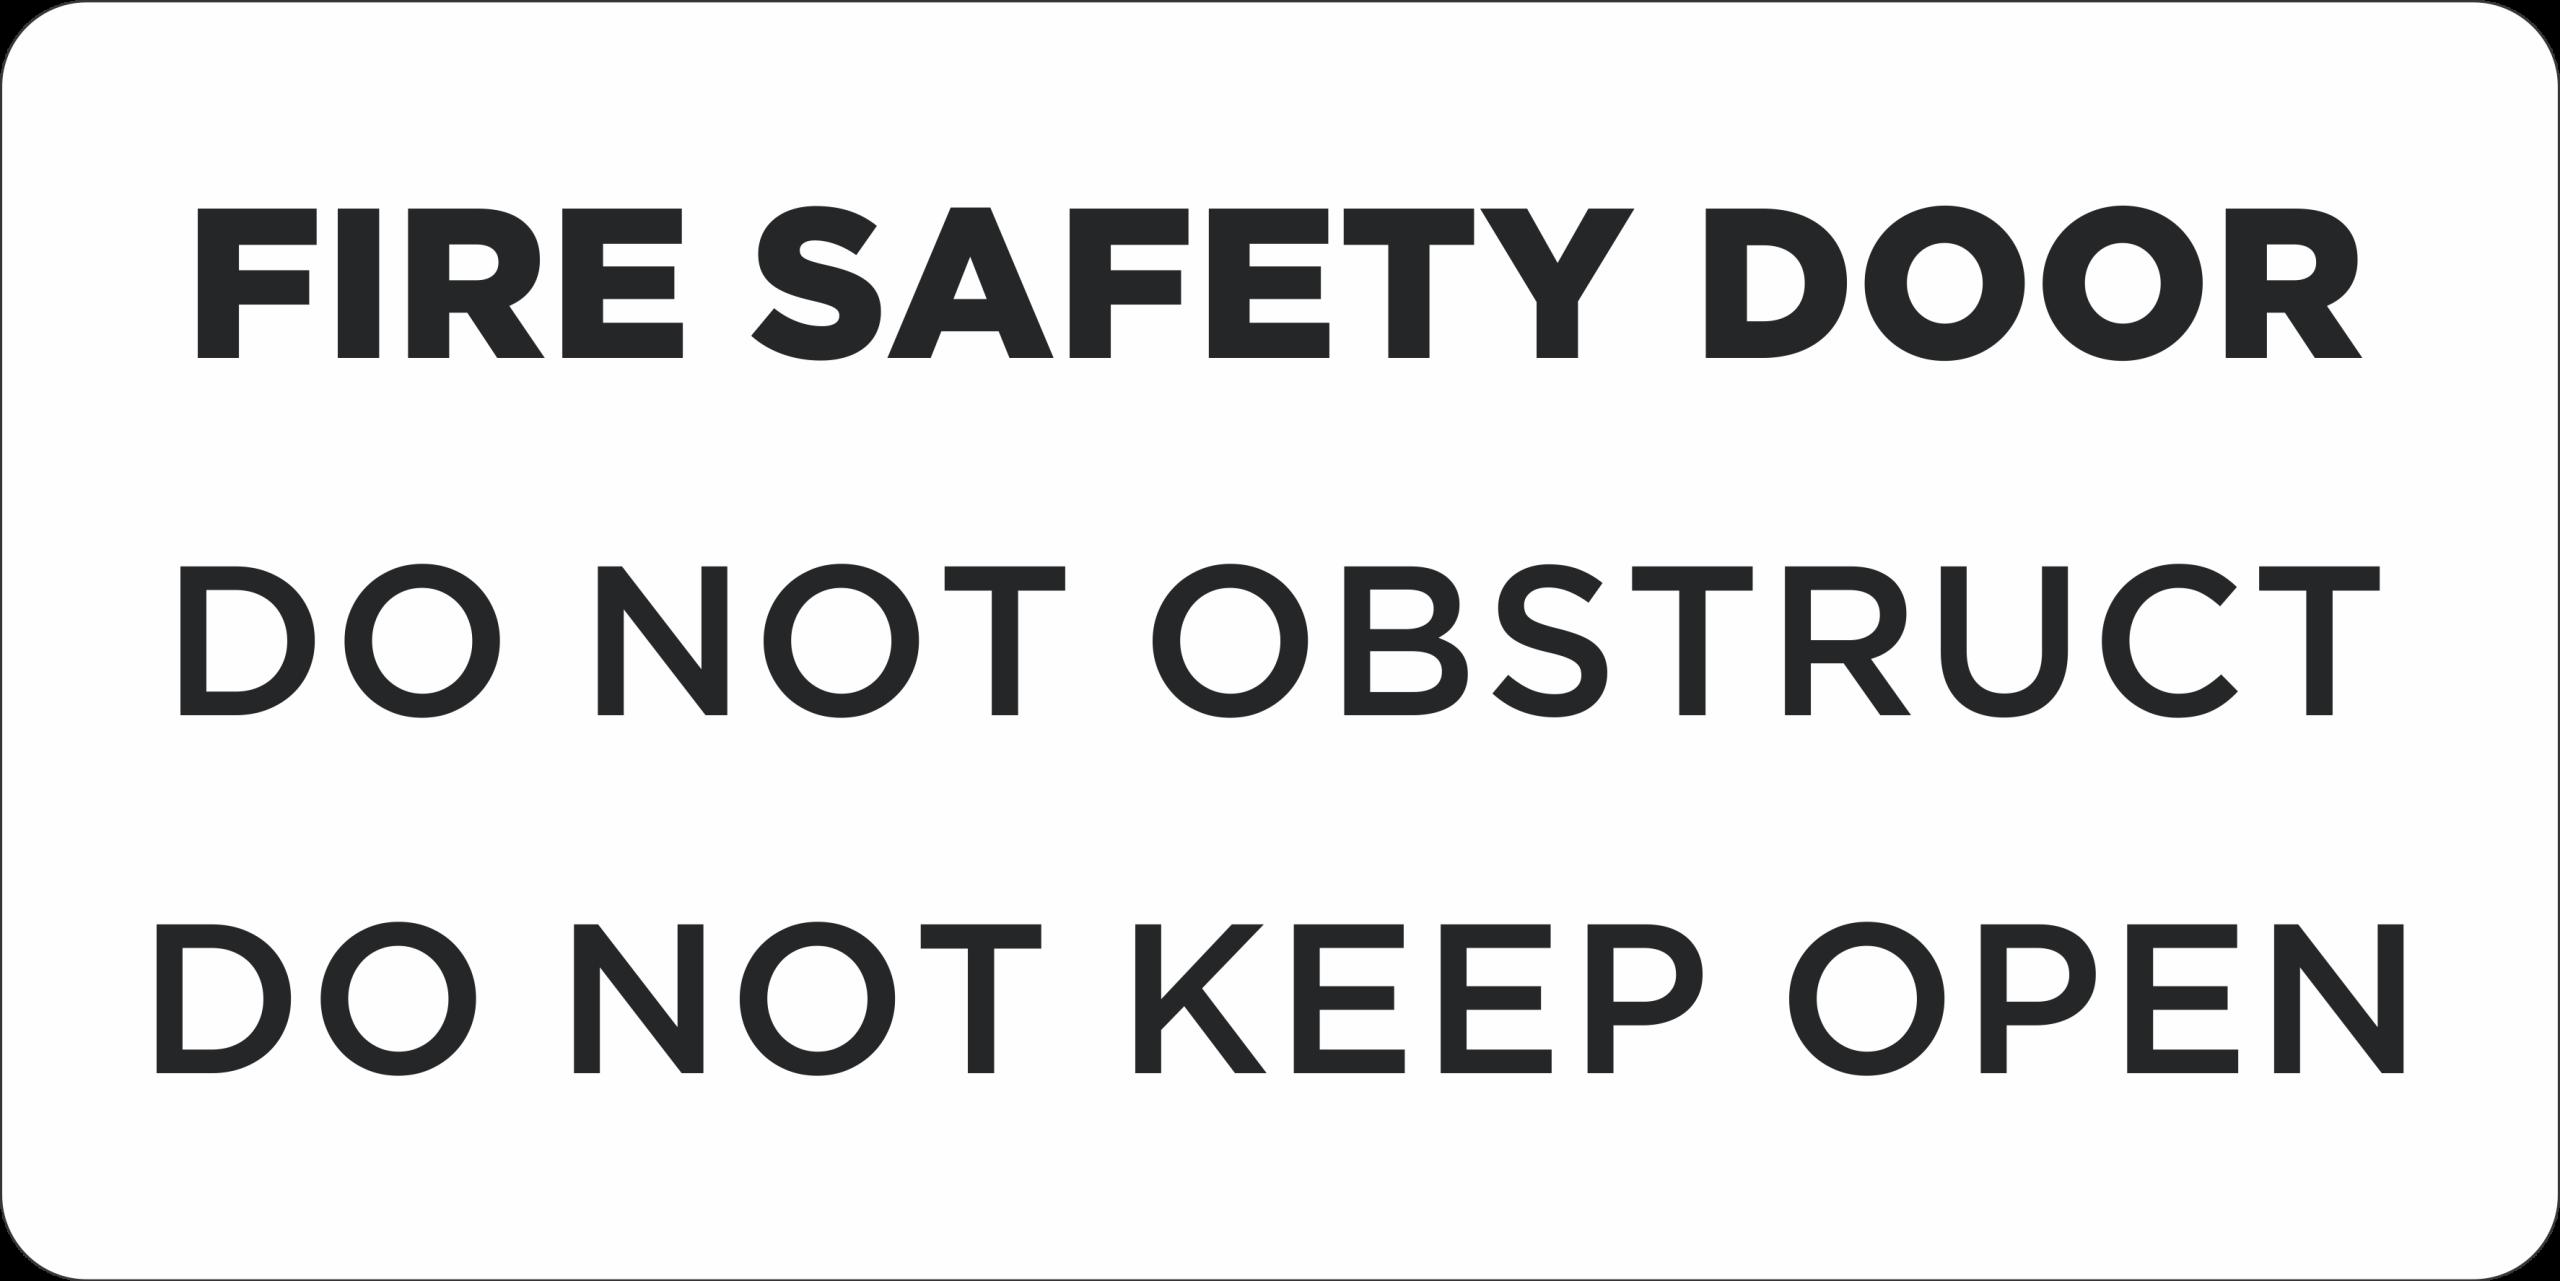 Fire Safety Door